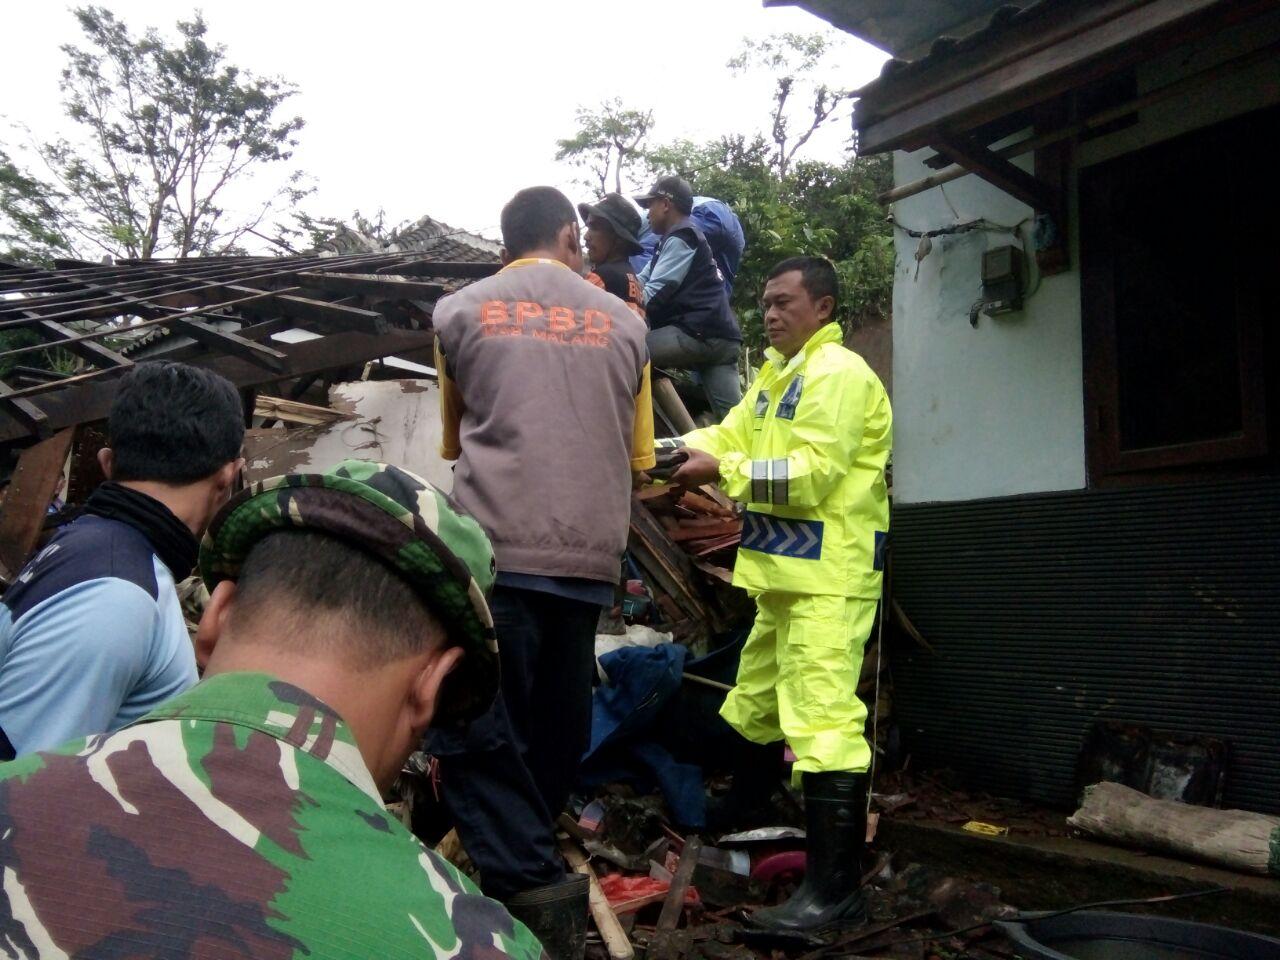 Polsek Pujon Polres Batu Turut Serta Bantu Bersihkan Material Sisa Bencana Longsor